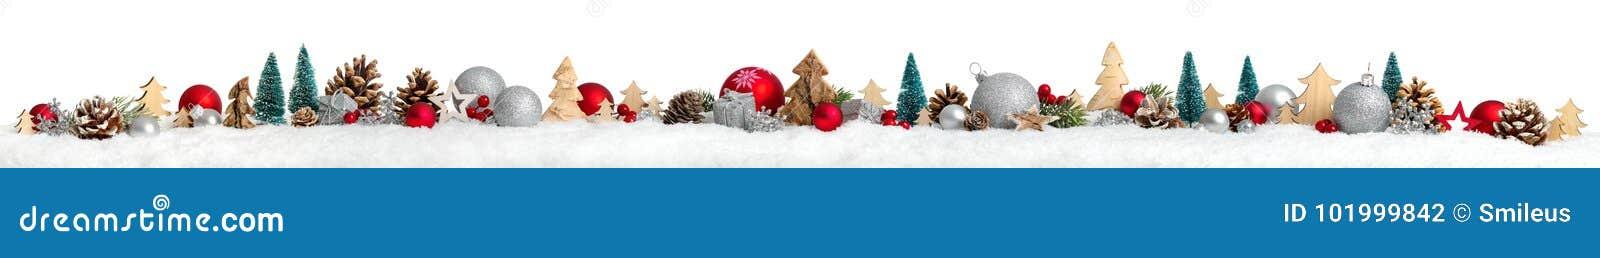 Boże Narodzenie granica lub sztandar, ekstra szeroki, biały tło,